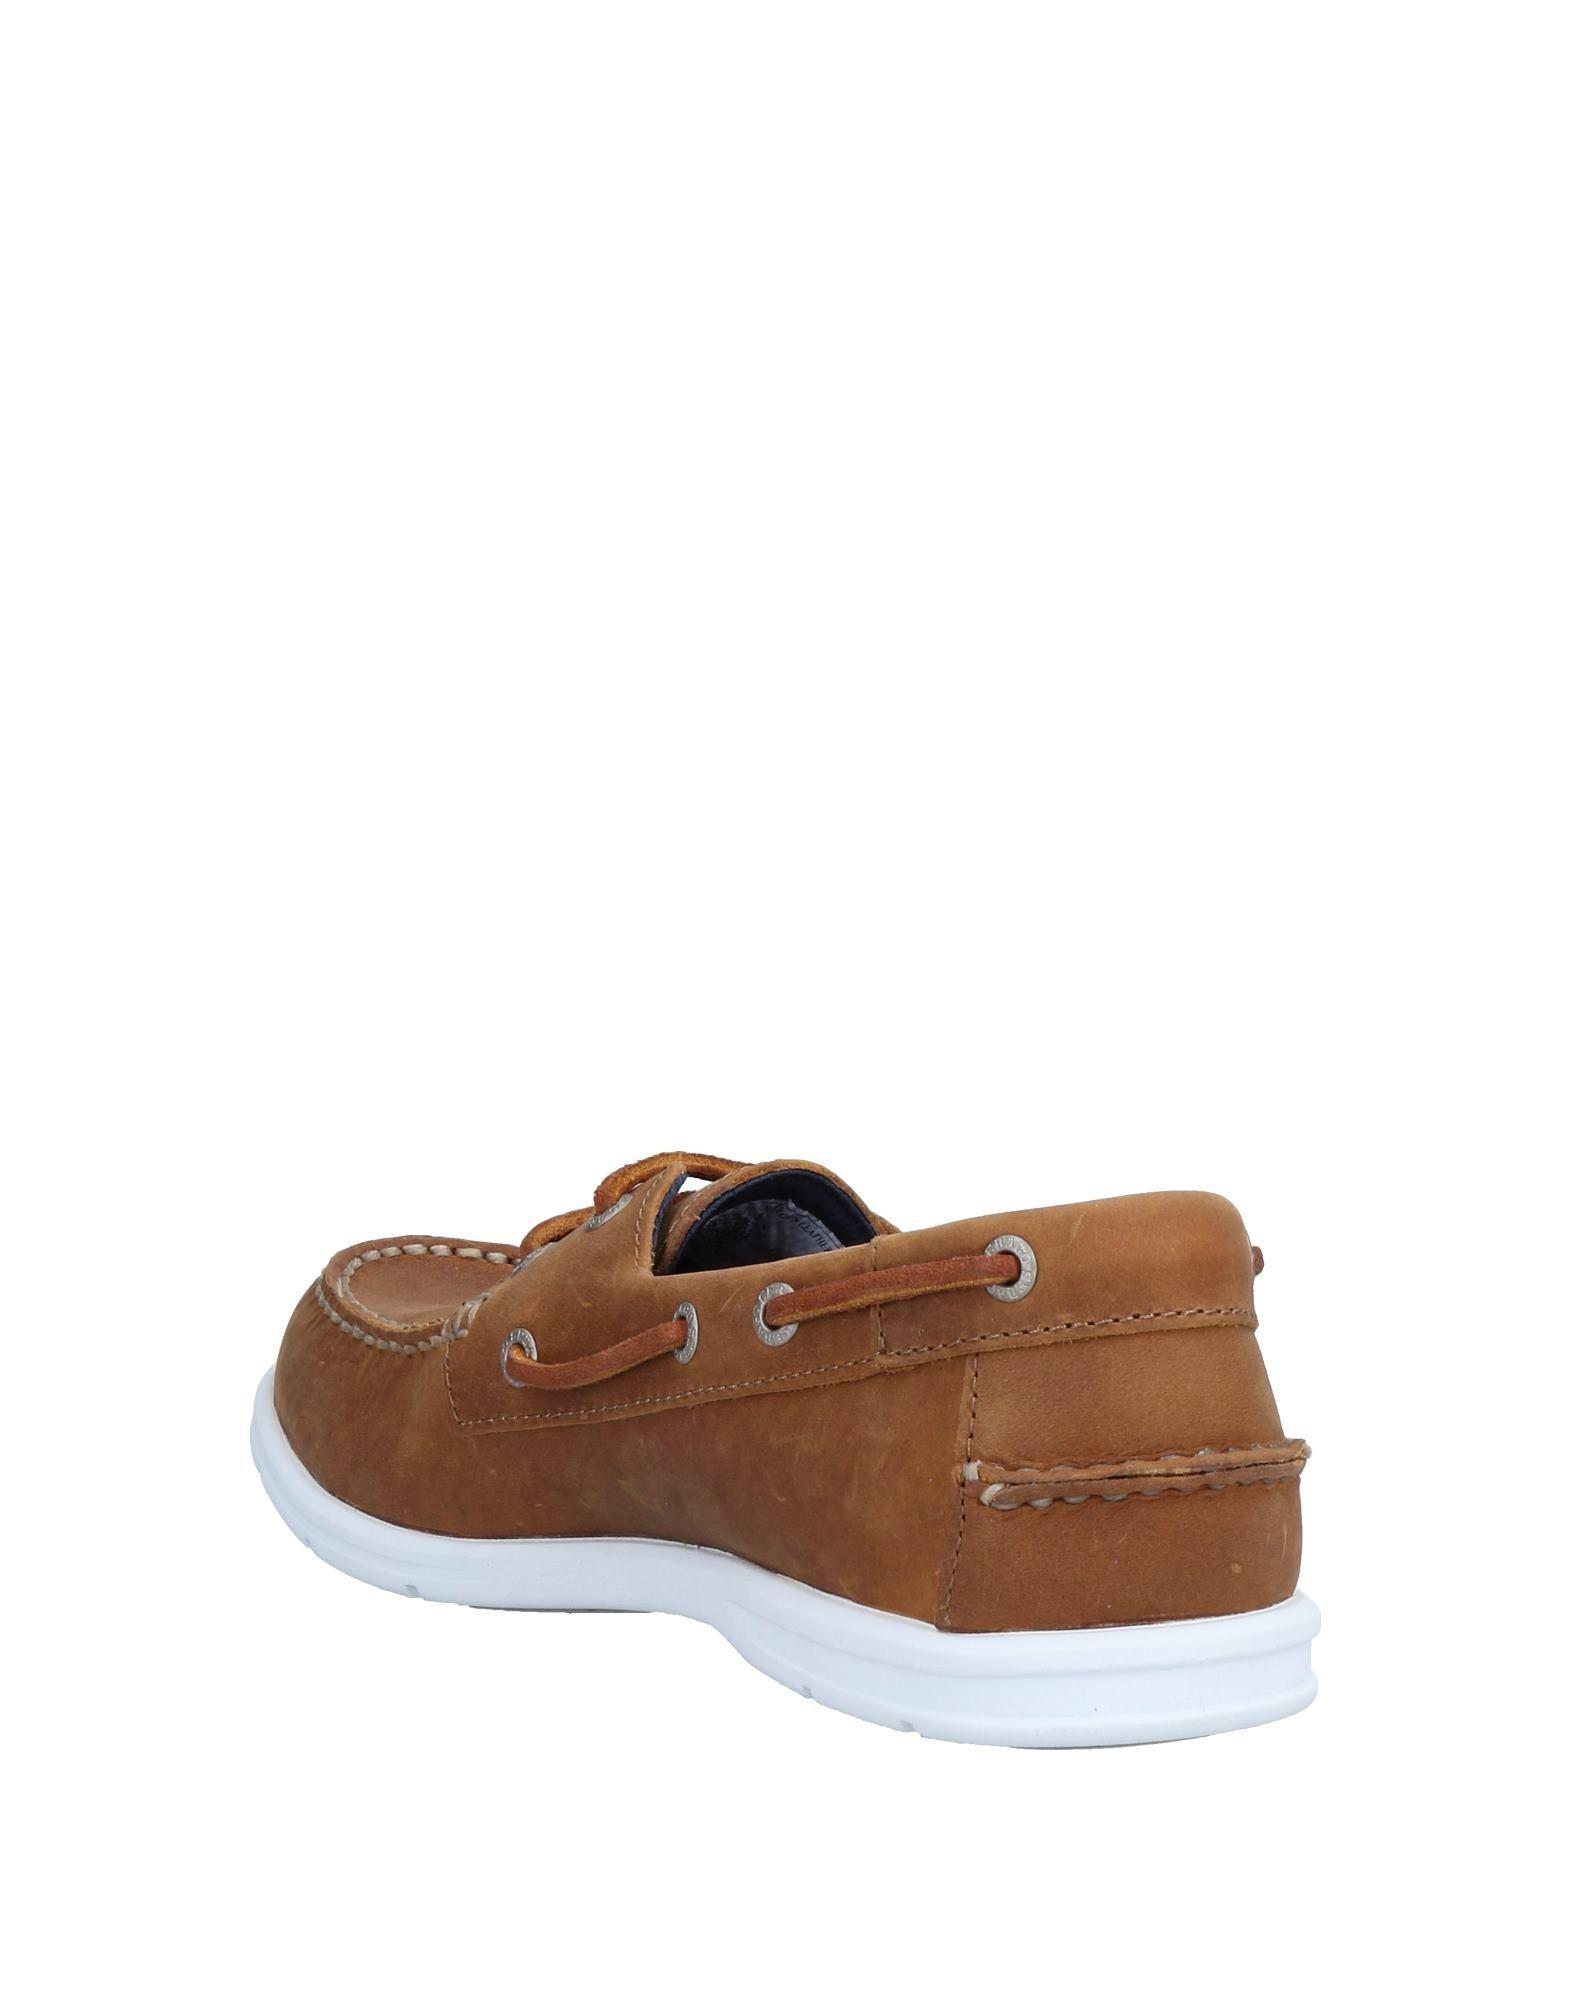 3ff341ef87f Sebago Loafer in Brown for Men - Lyst